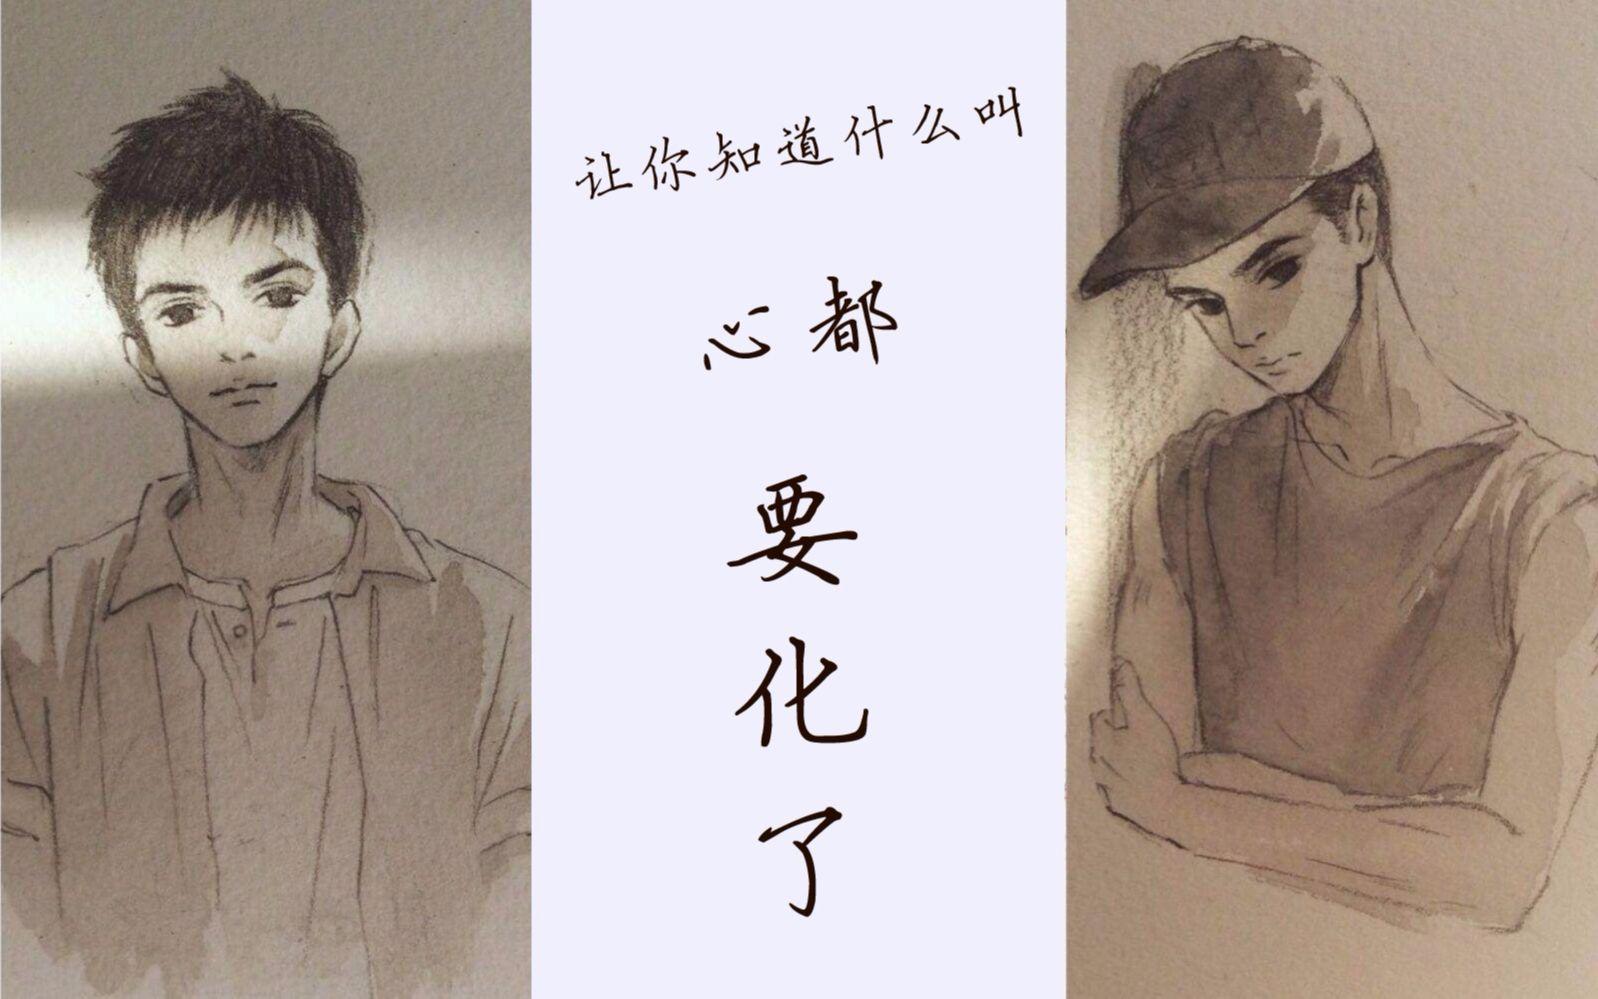 语爱声控_撒野 广播剧 第一季(超温柔的顾飞)_哔哩哔哩 (゜-゜)つロ 干杯 ...